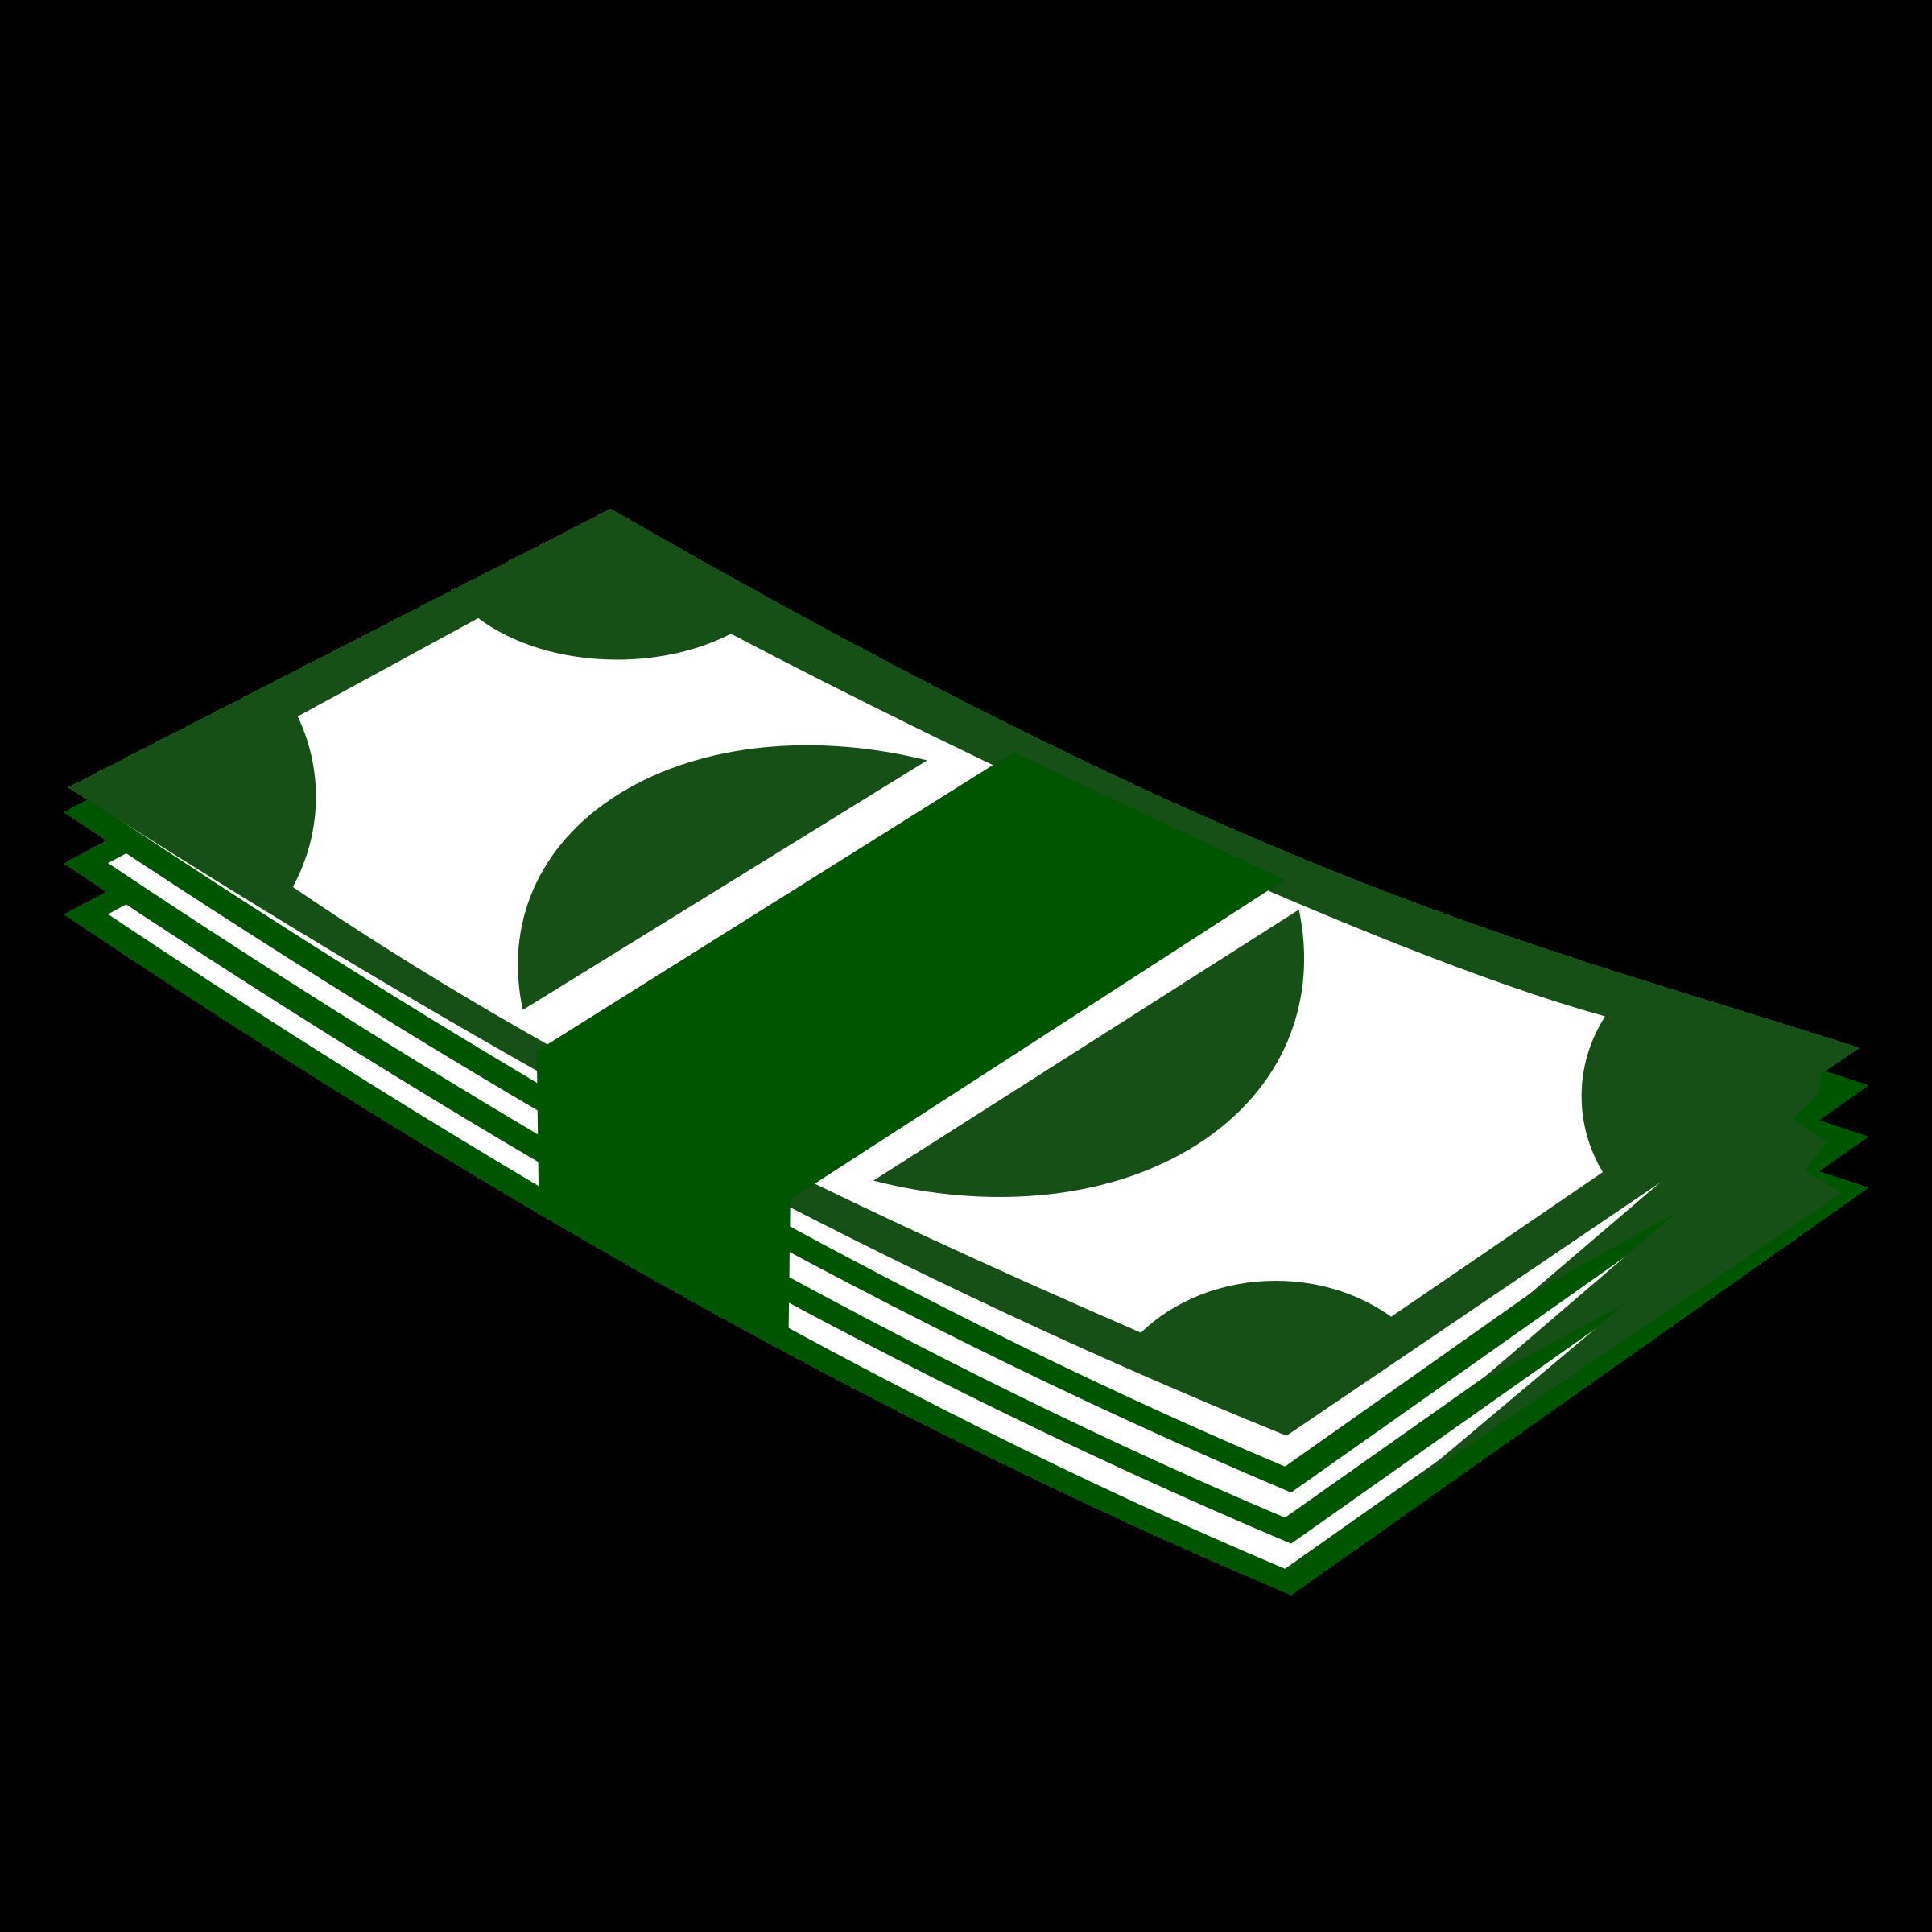 Clipart big image. Money clip art png